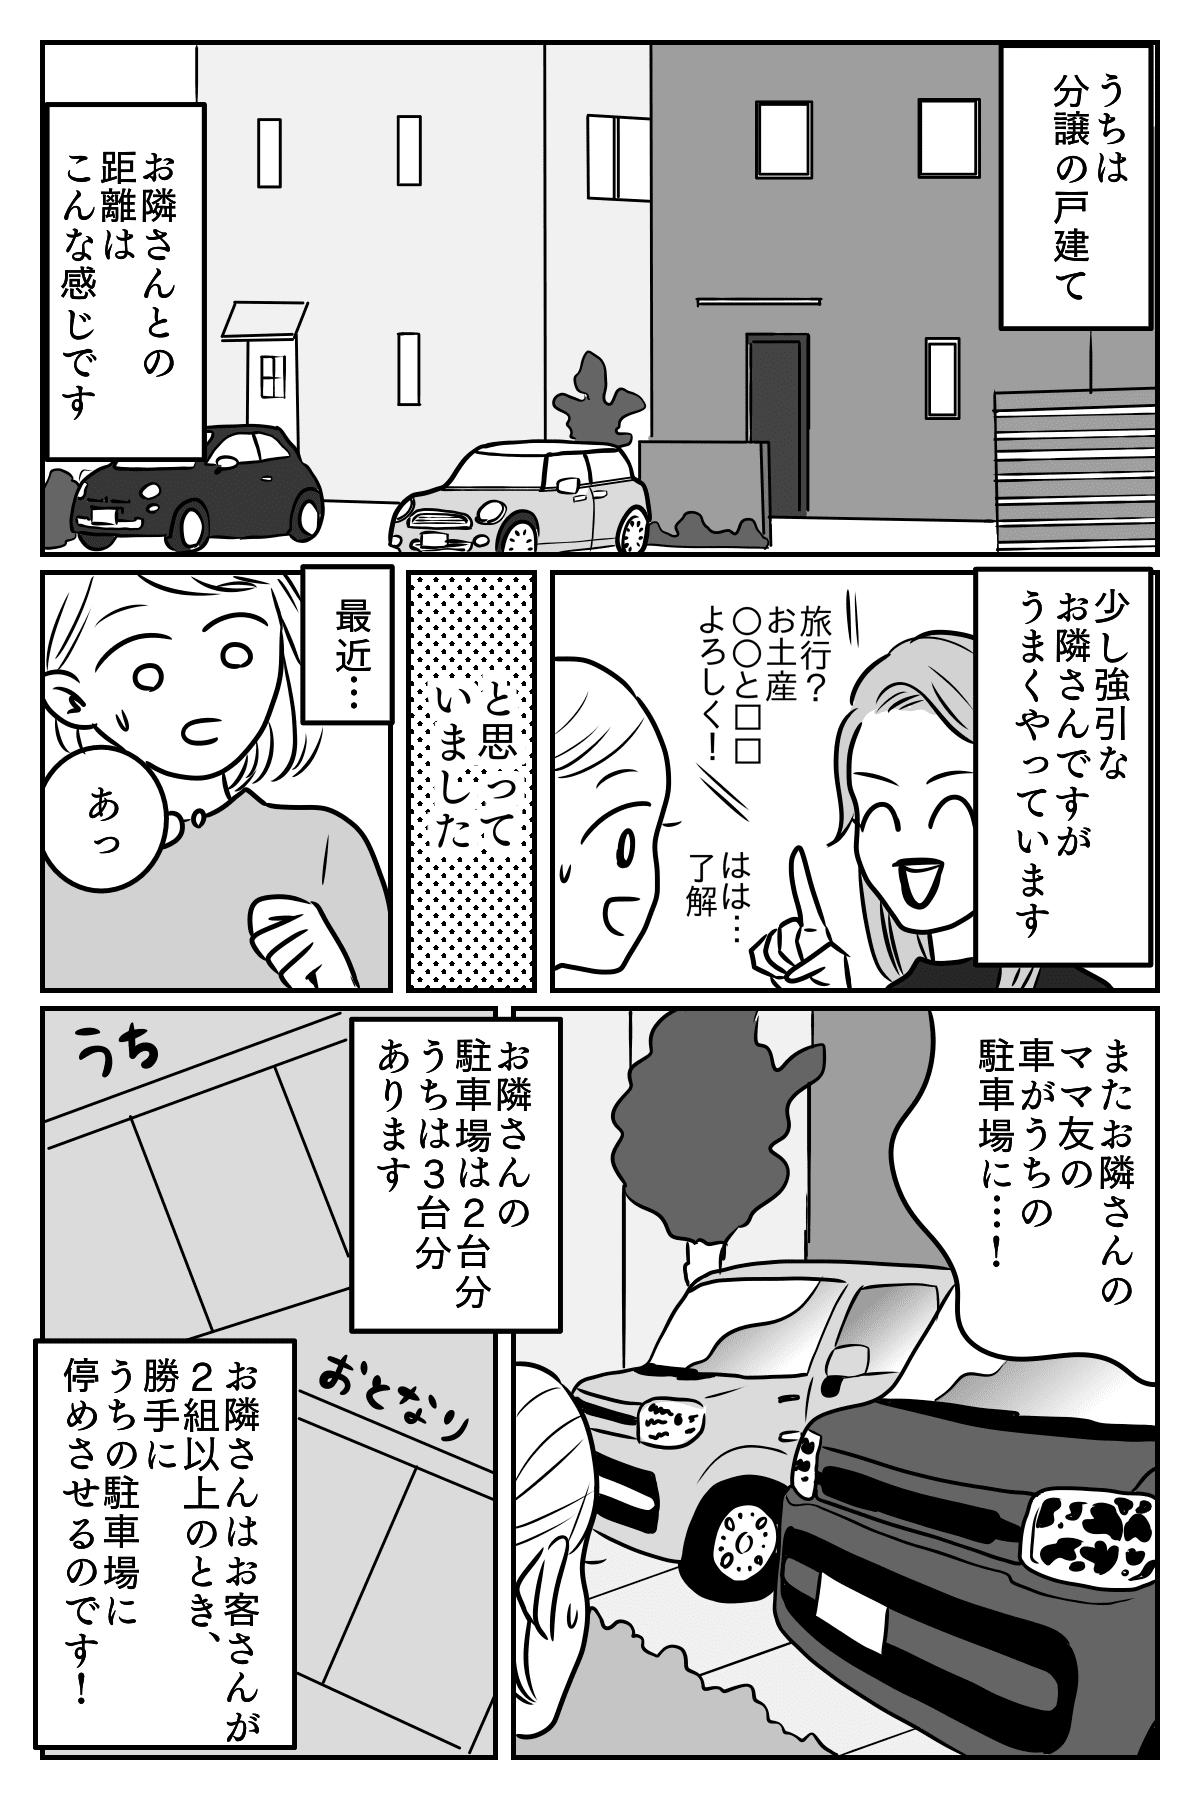 【前編】「また無断駐車!」隣のママがわが家の駐車場を勝手に使う。